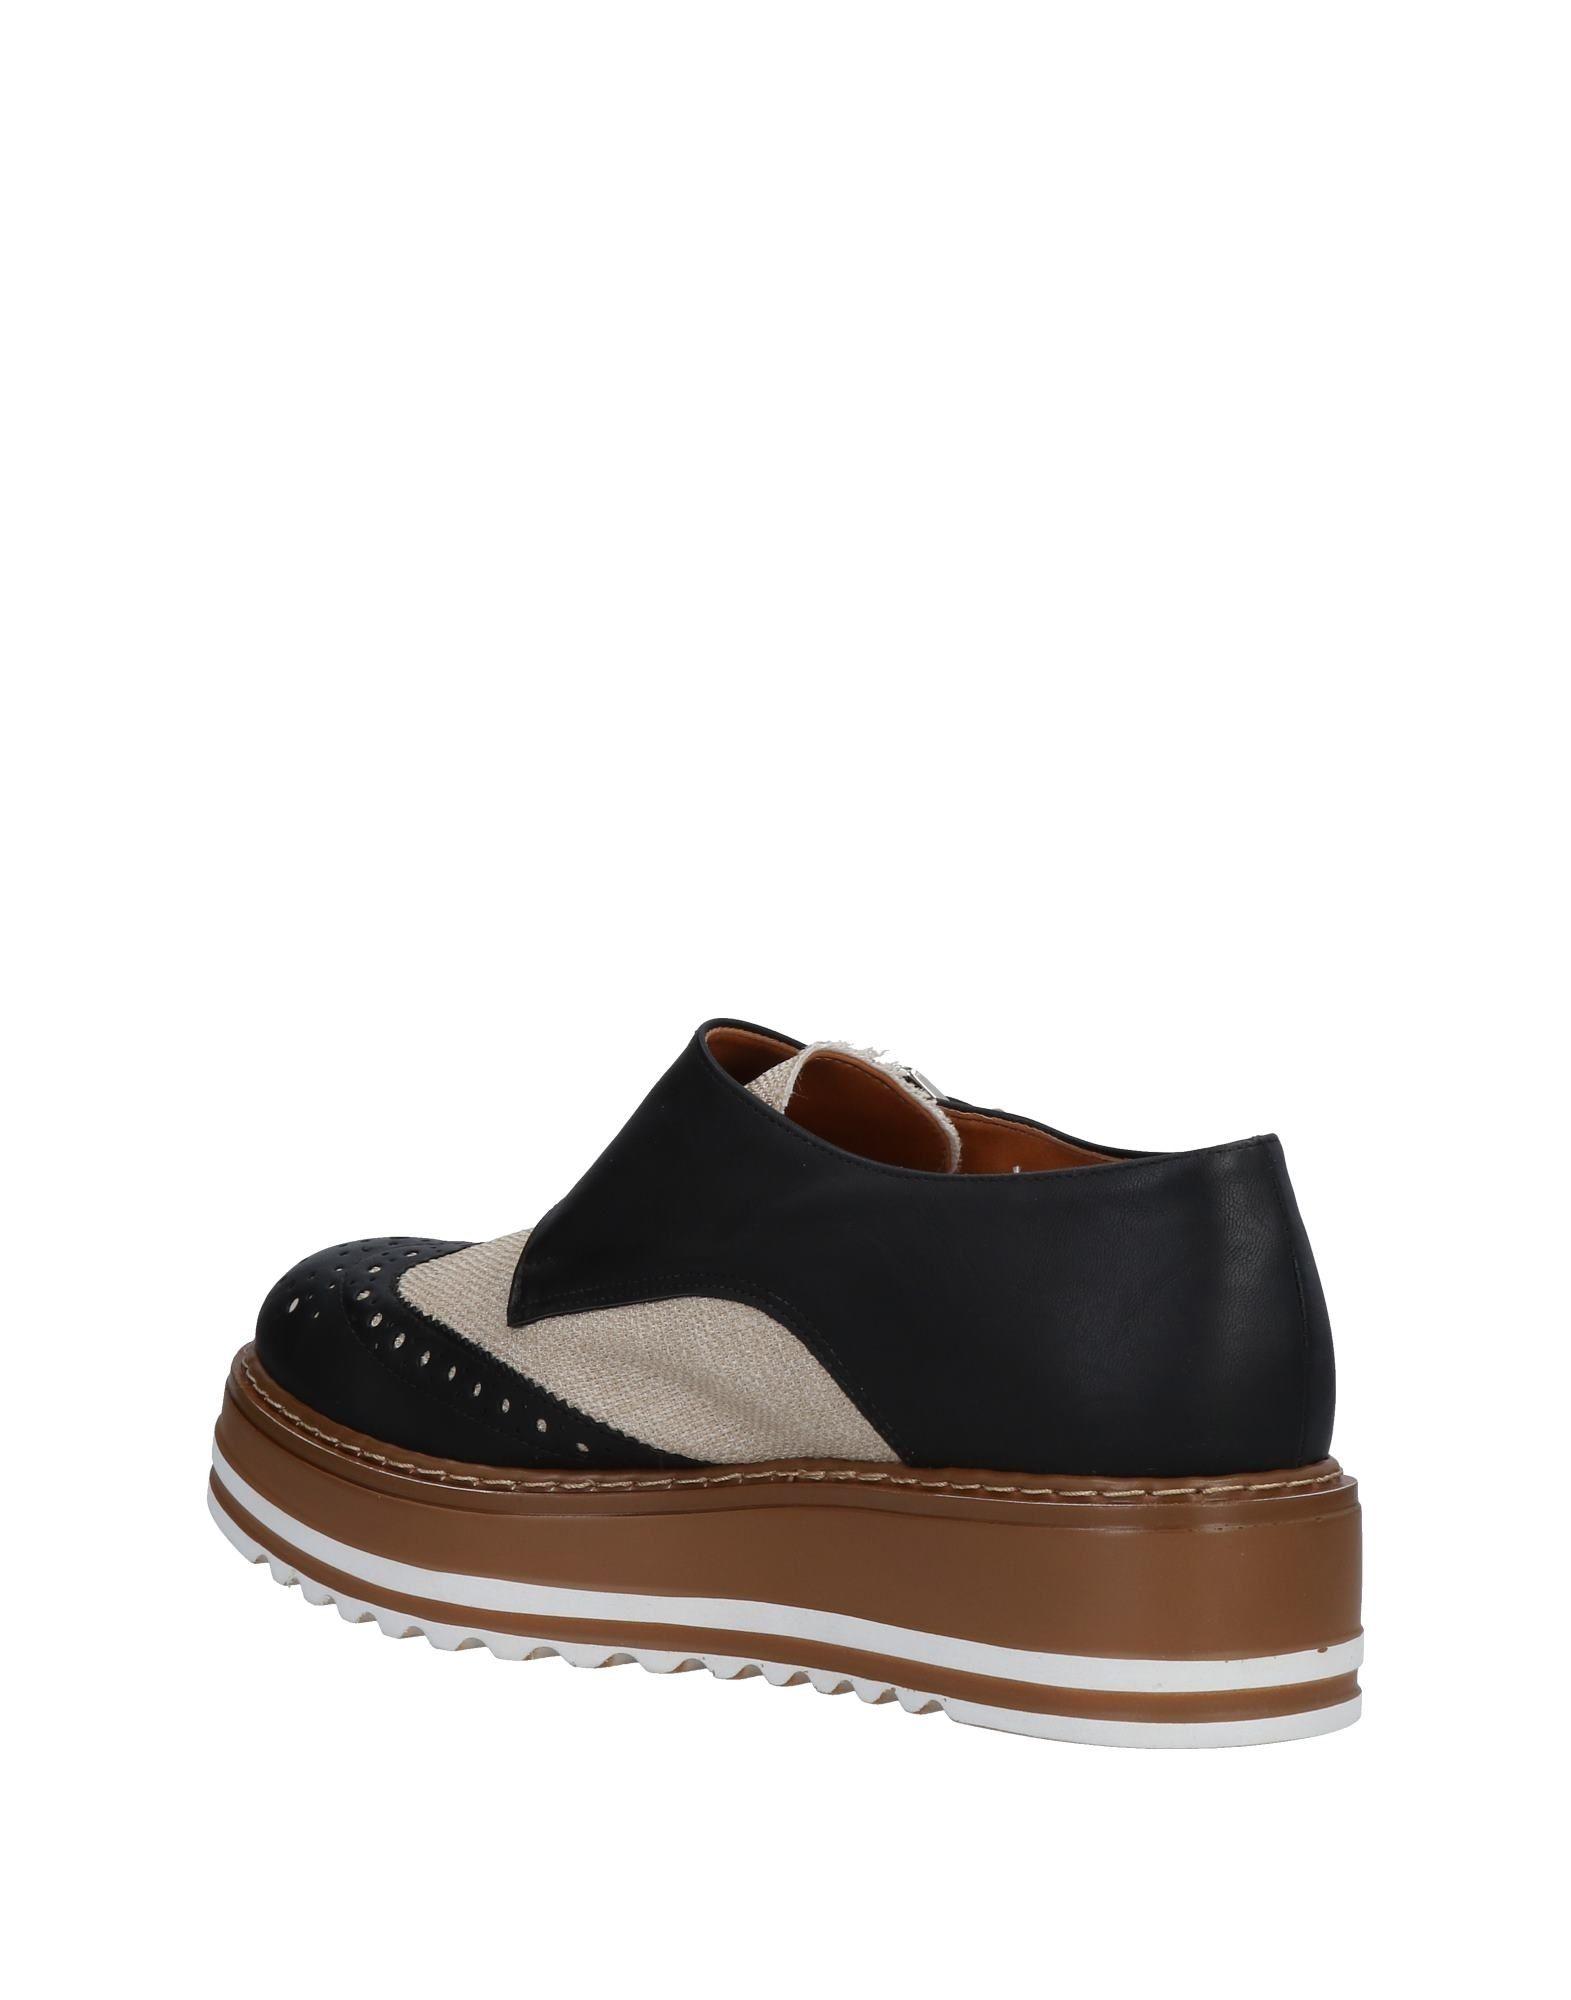 Mng Mokassins Damen beliebte  11475695UE Gute Qualität beliebte Damen Schuhe b2073d